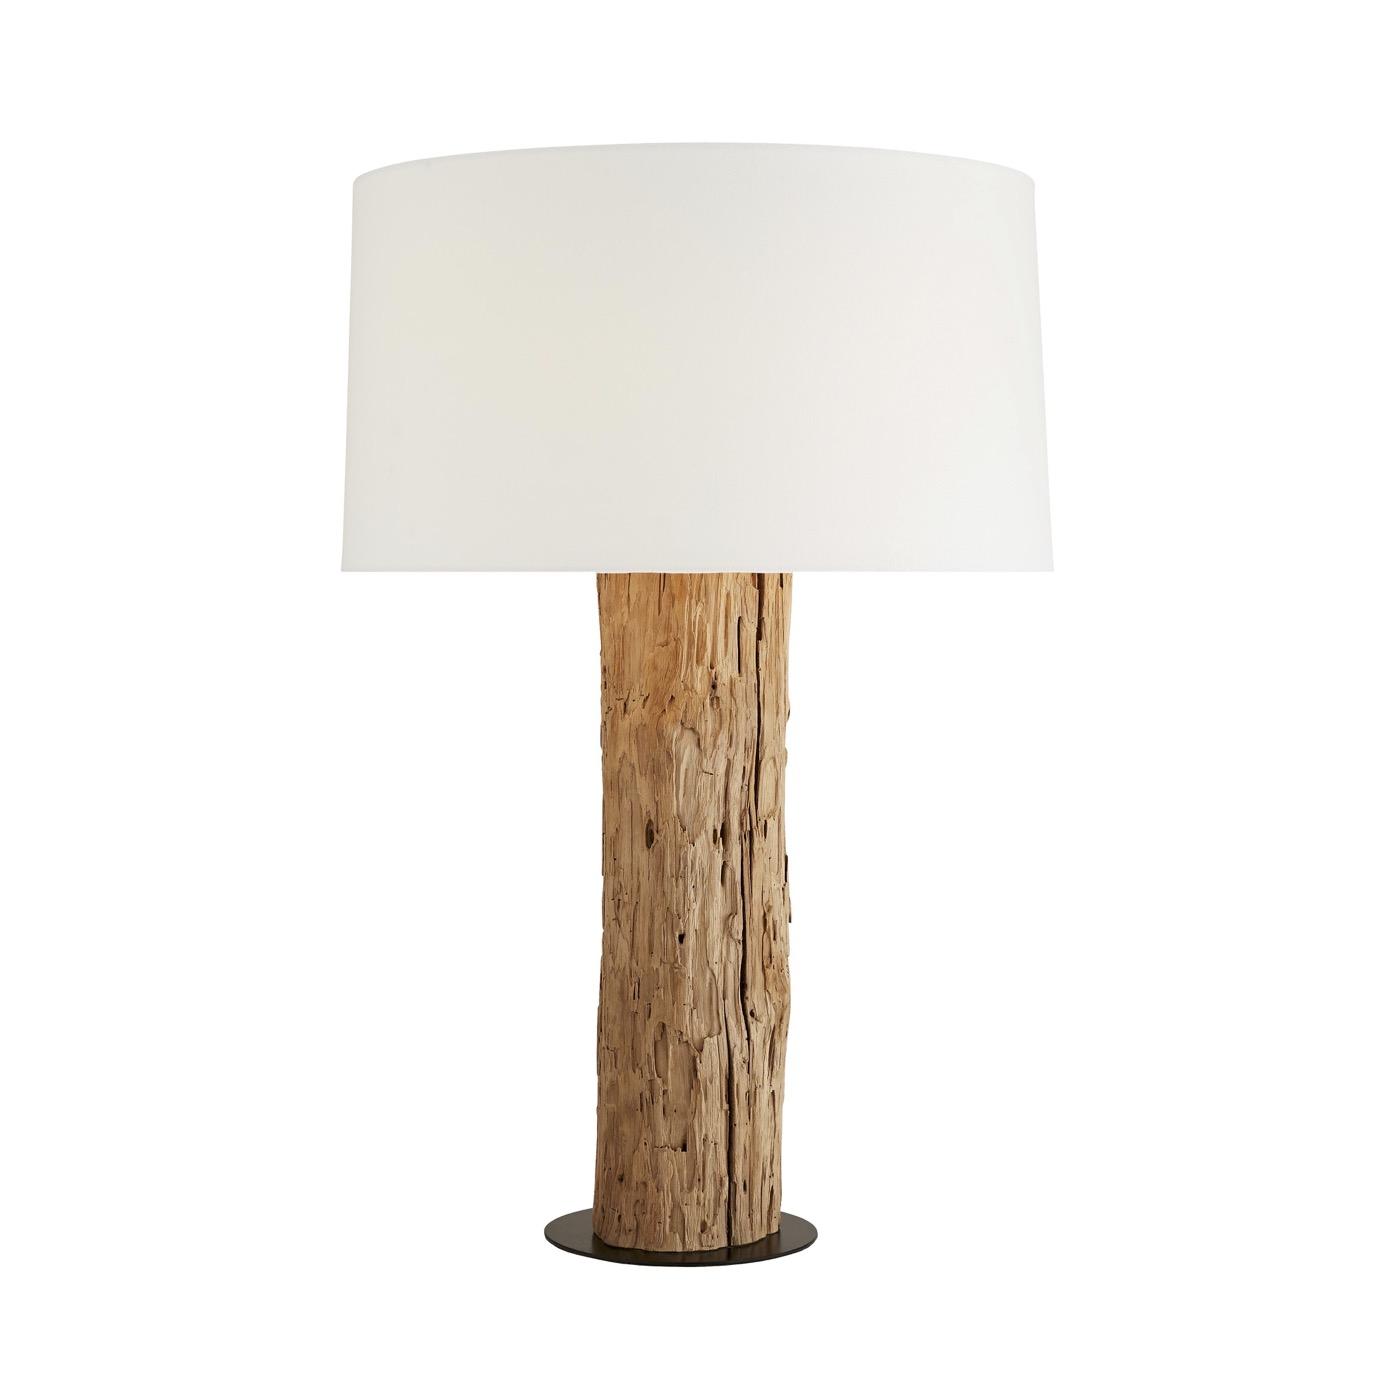 Wangi Teak Lamp